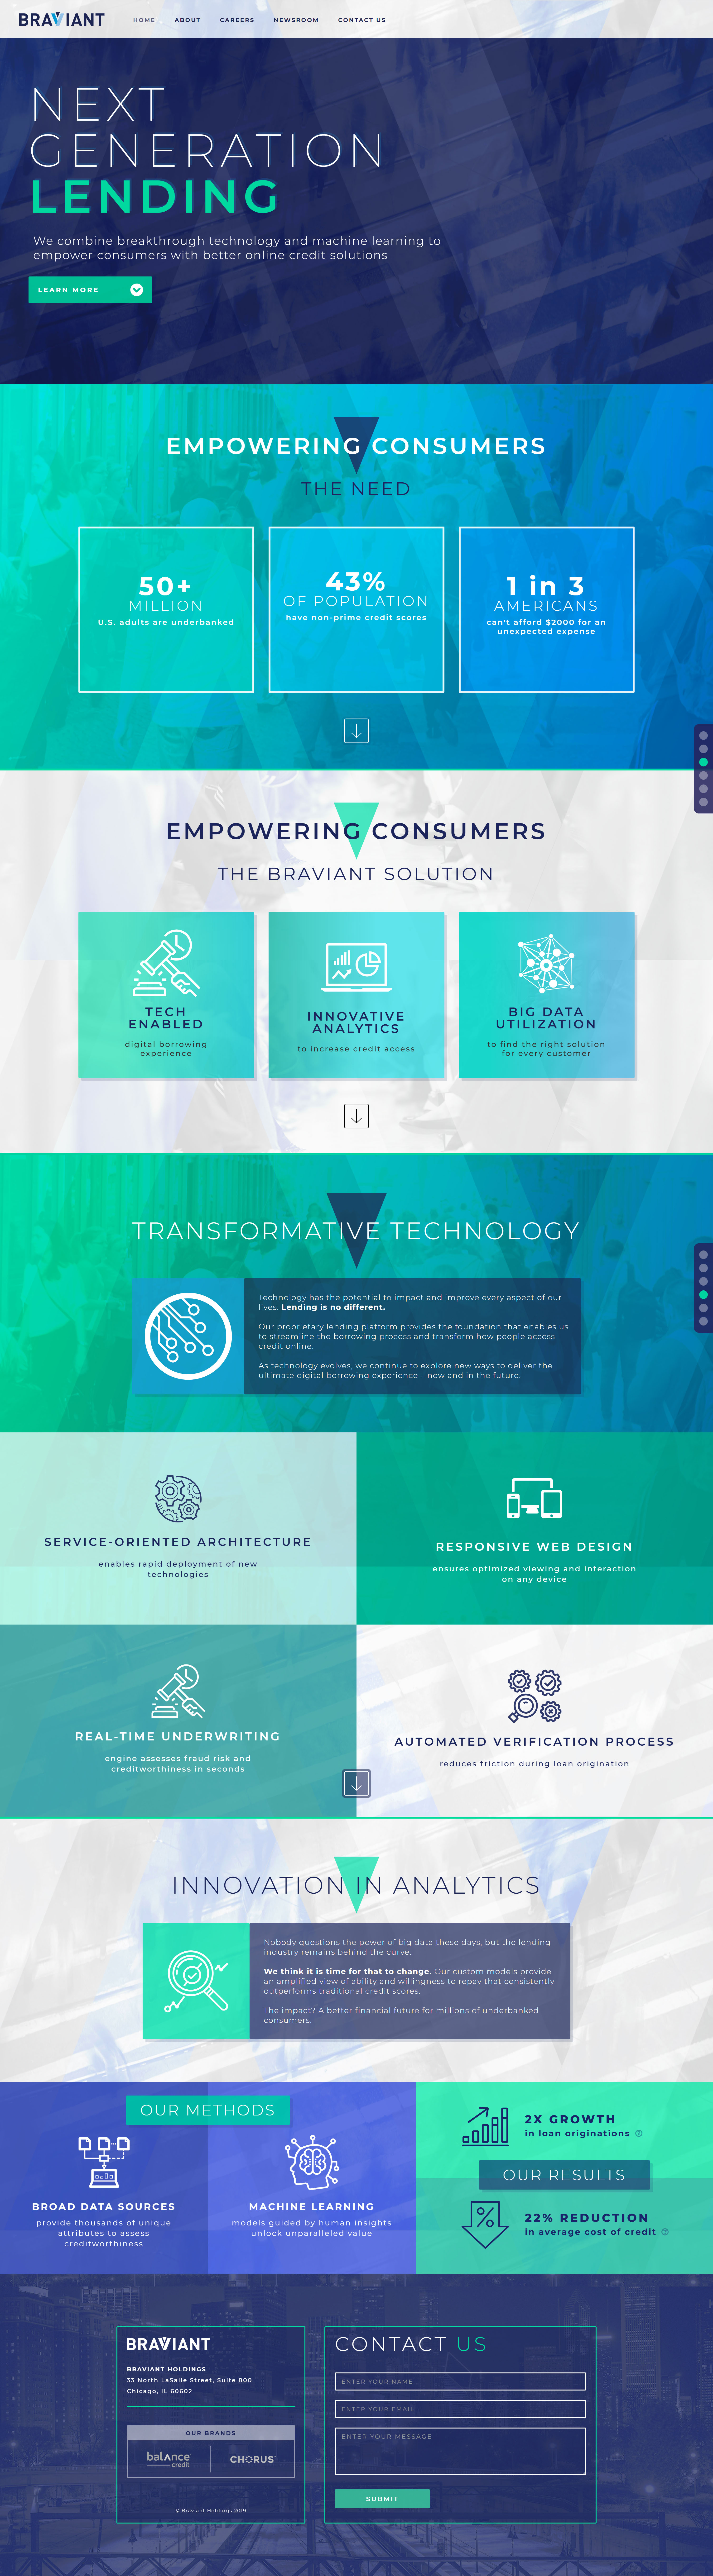 Webflow Financial Website Design & Development FinTech